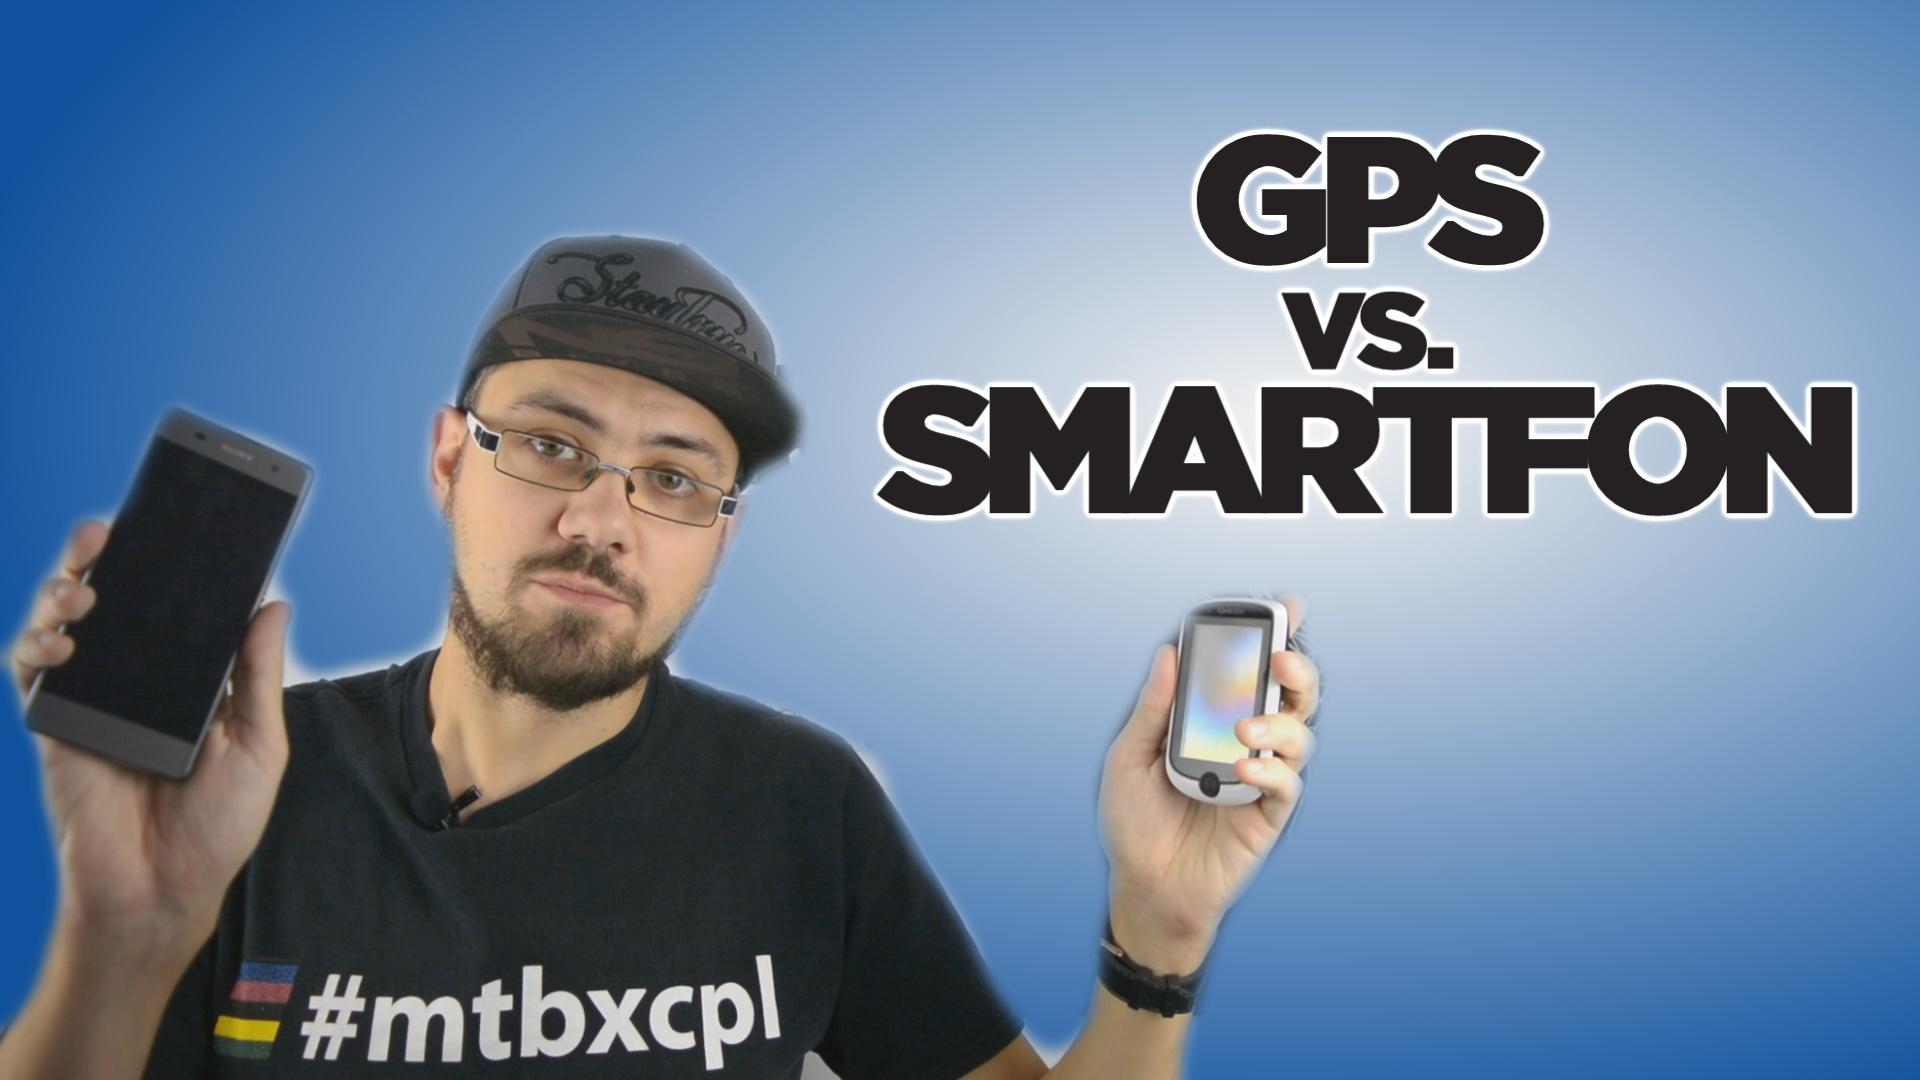 Co jest lepsze do zapisywania treningów? Smartfon czy GPS?